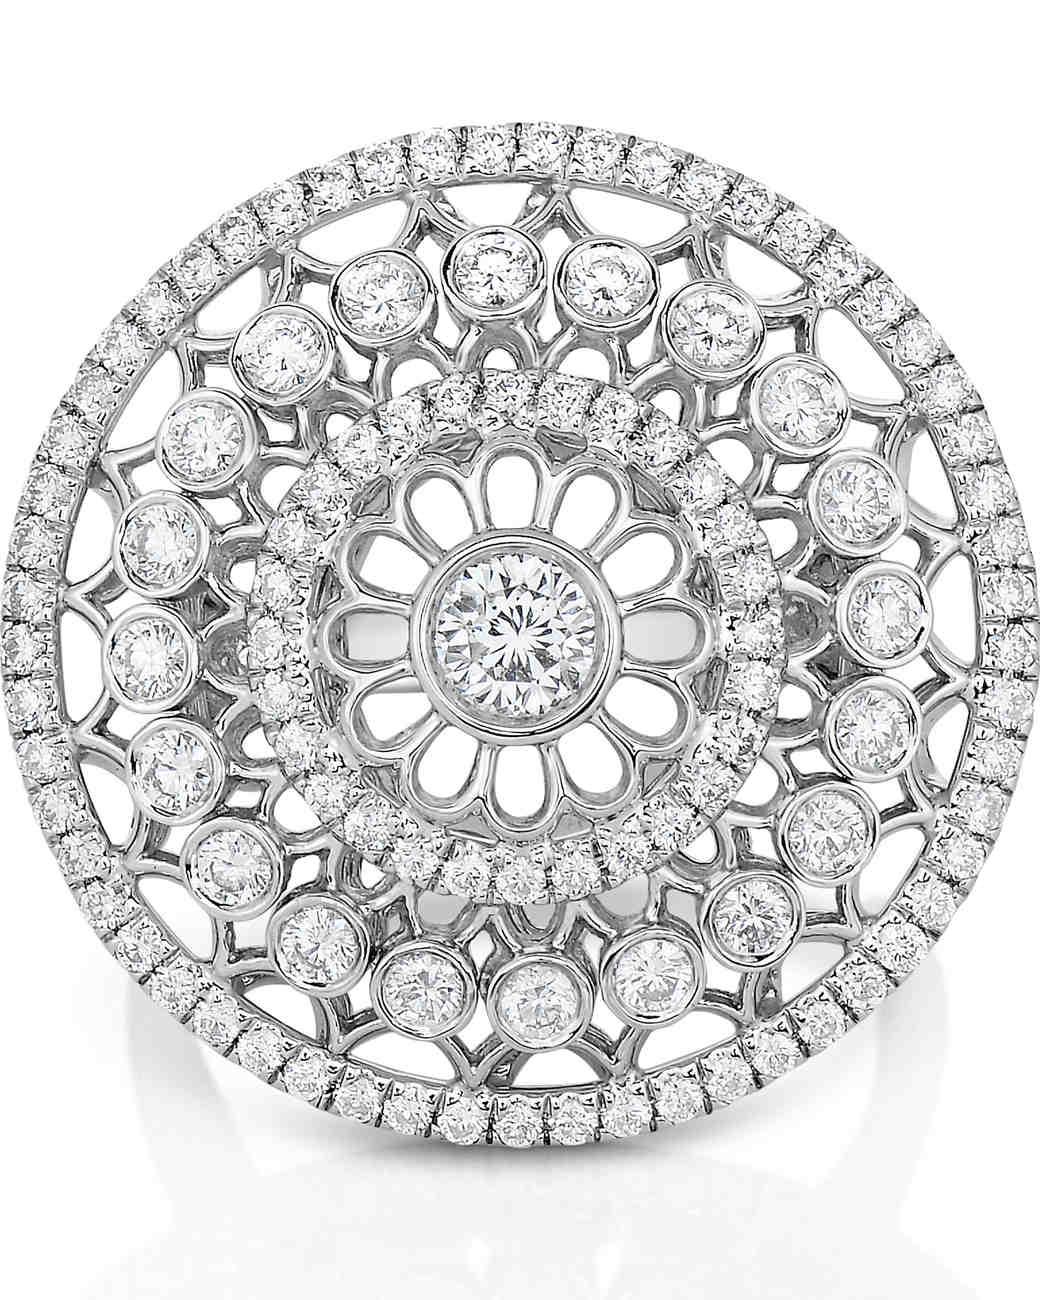 Roberto Coin vintage-inspired diamond rosette engagement ring